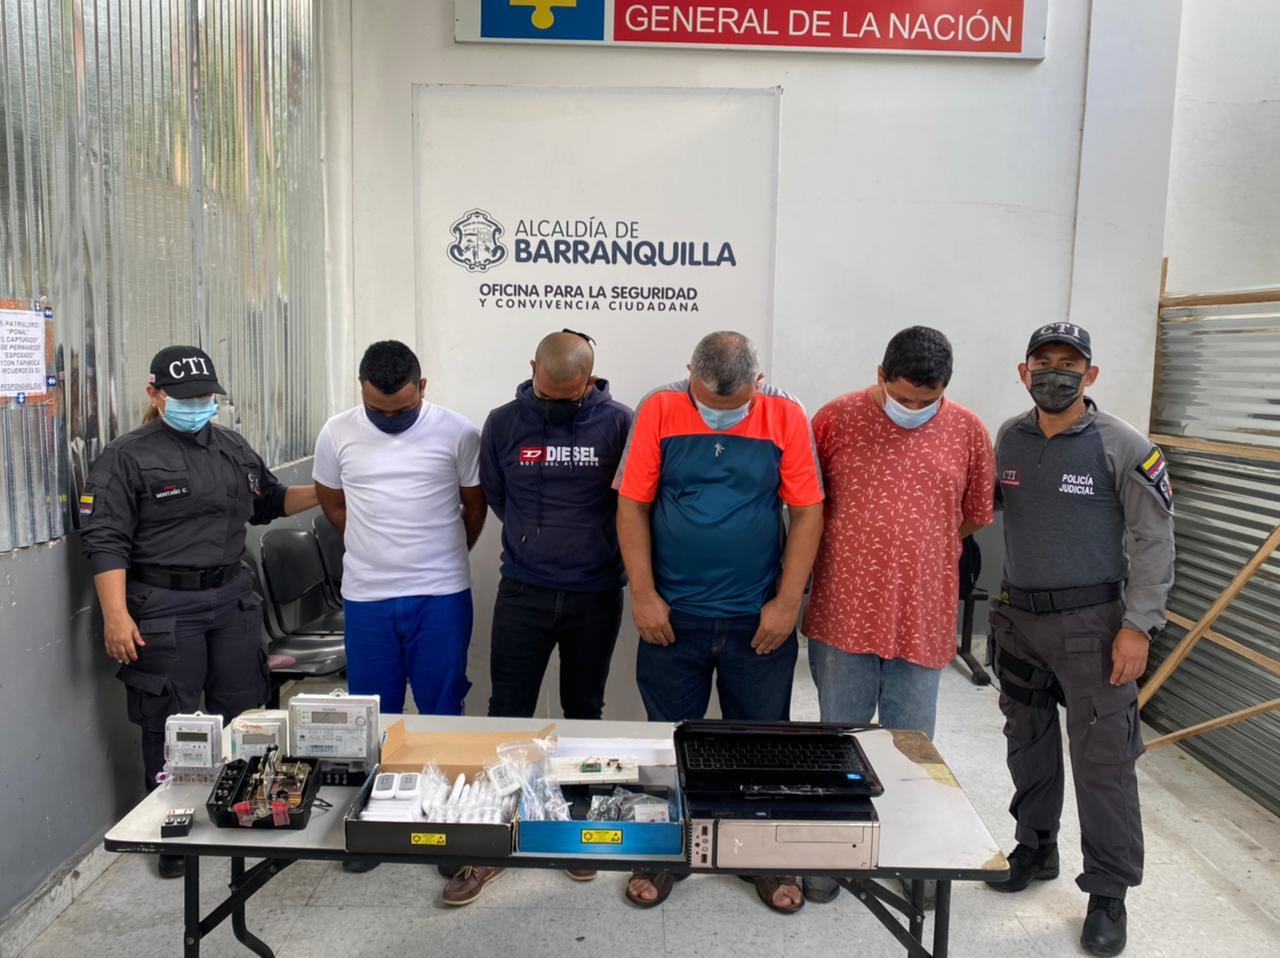 Capturadas 4 personas por manipular medidores de energía en Barranquilla – @aire_energia